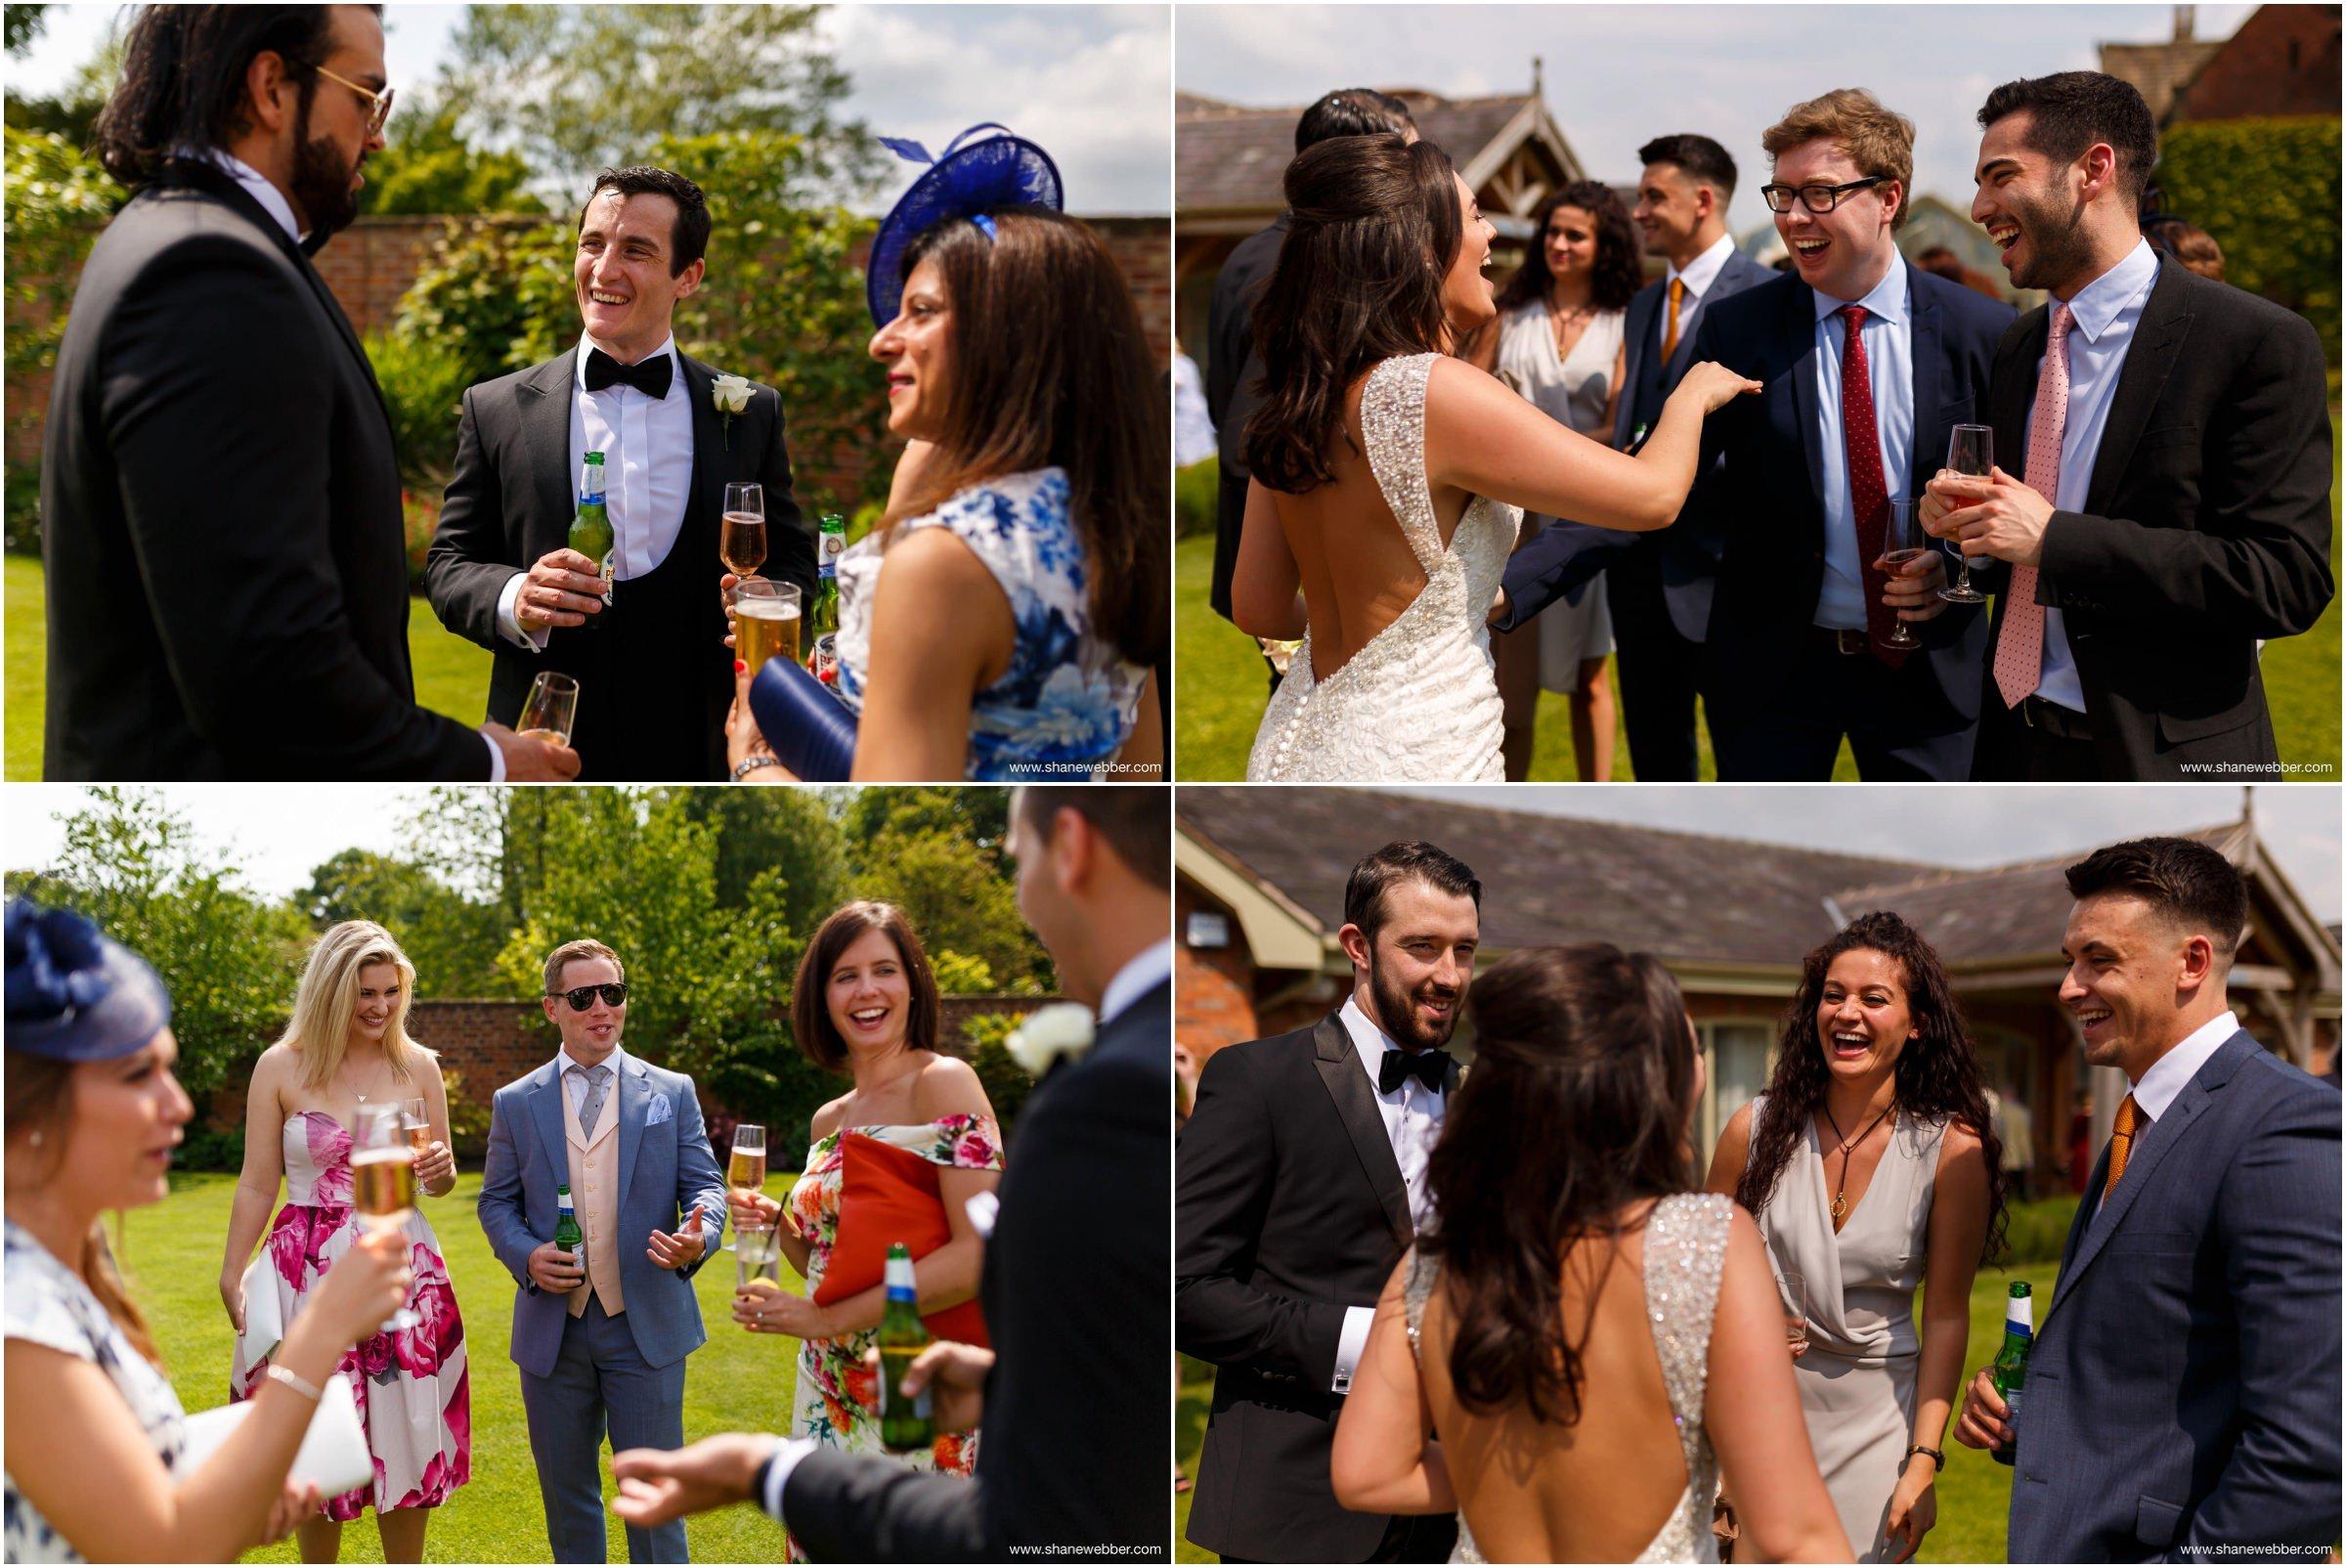 Natural wedding photos at Colshaw Hall